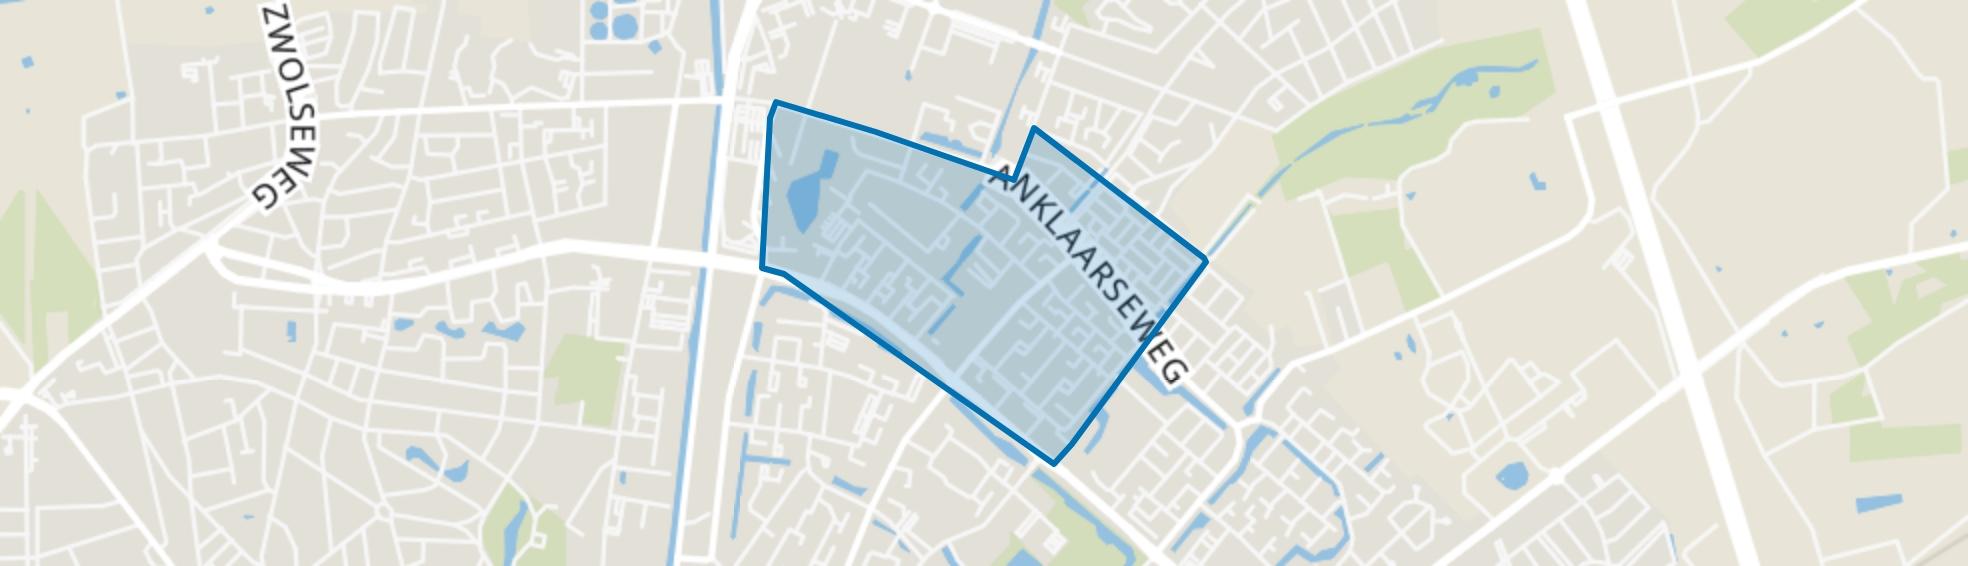 Anklaar, Apeldoorn map